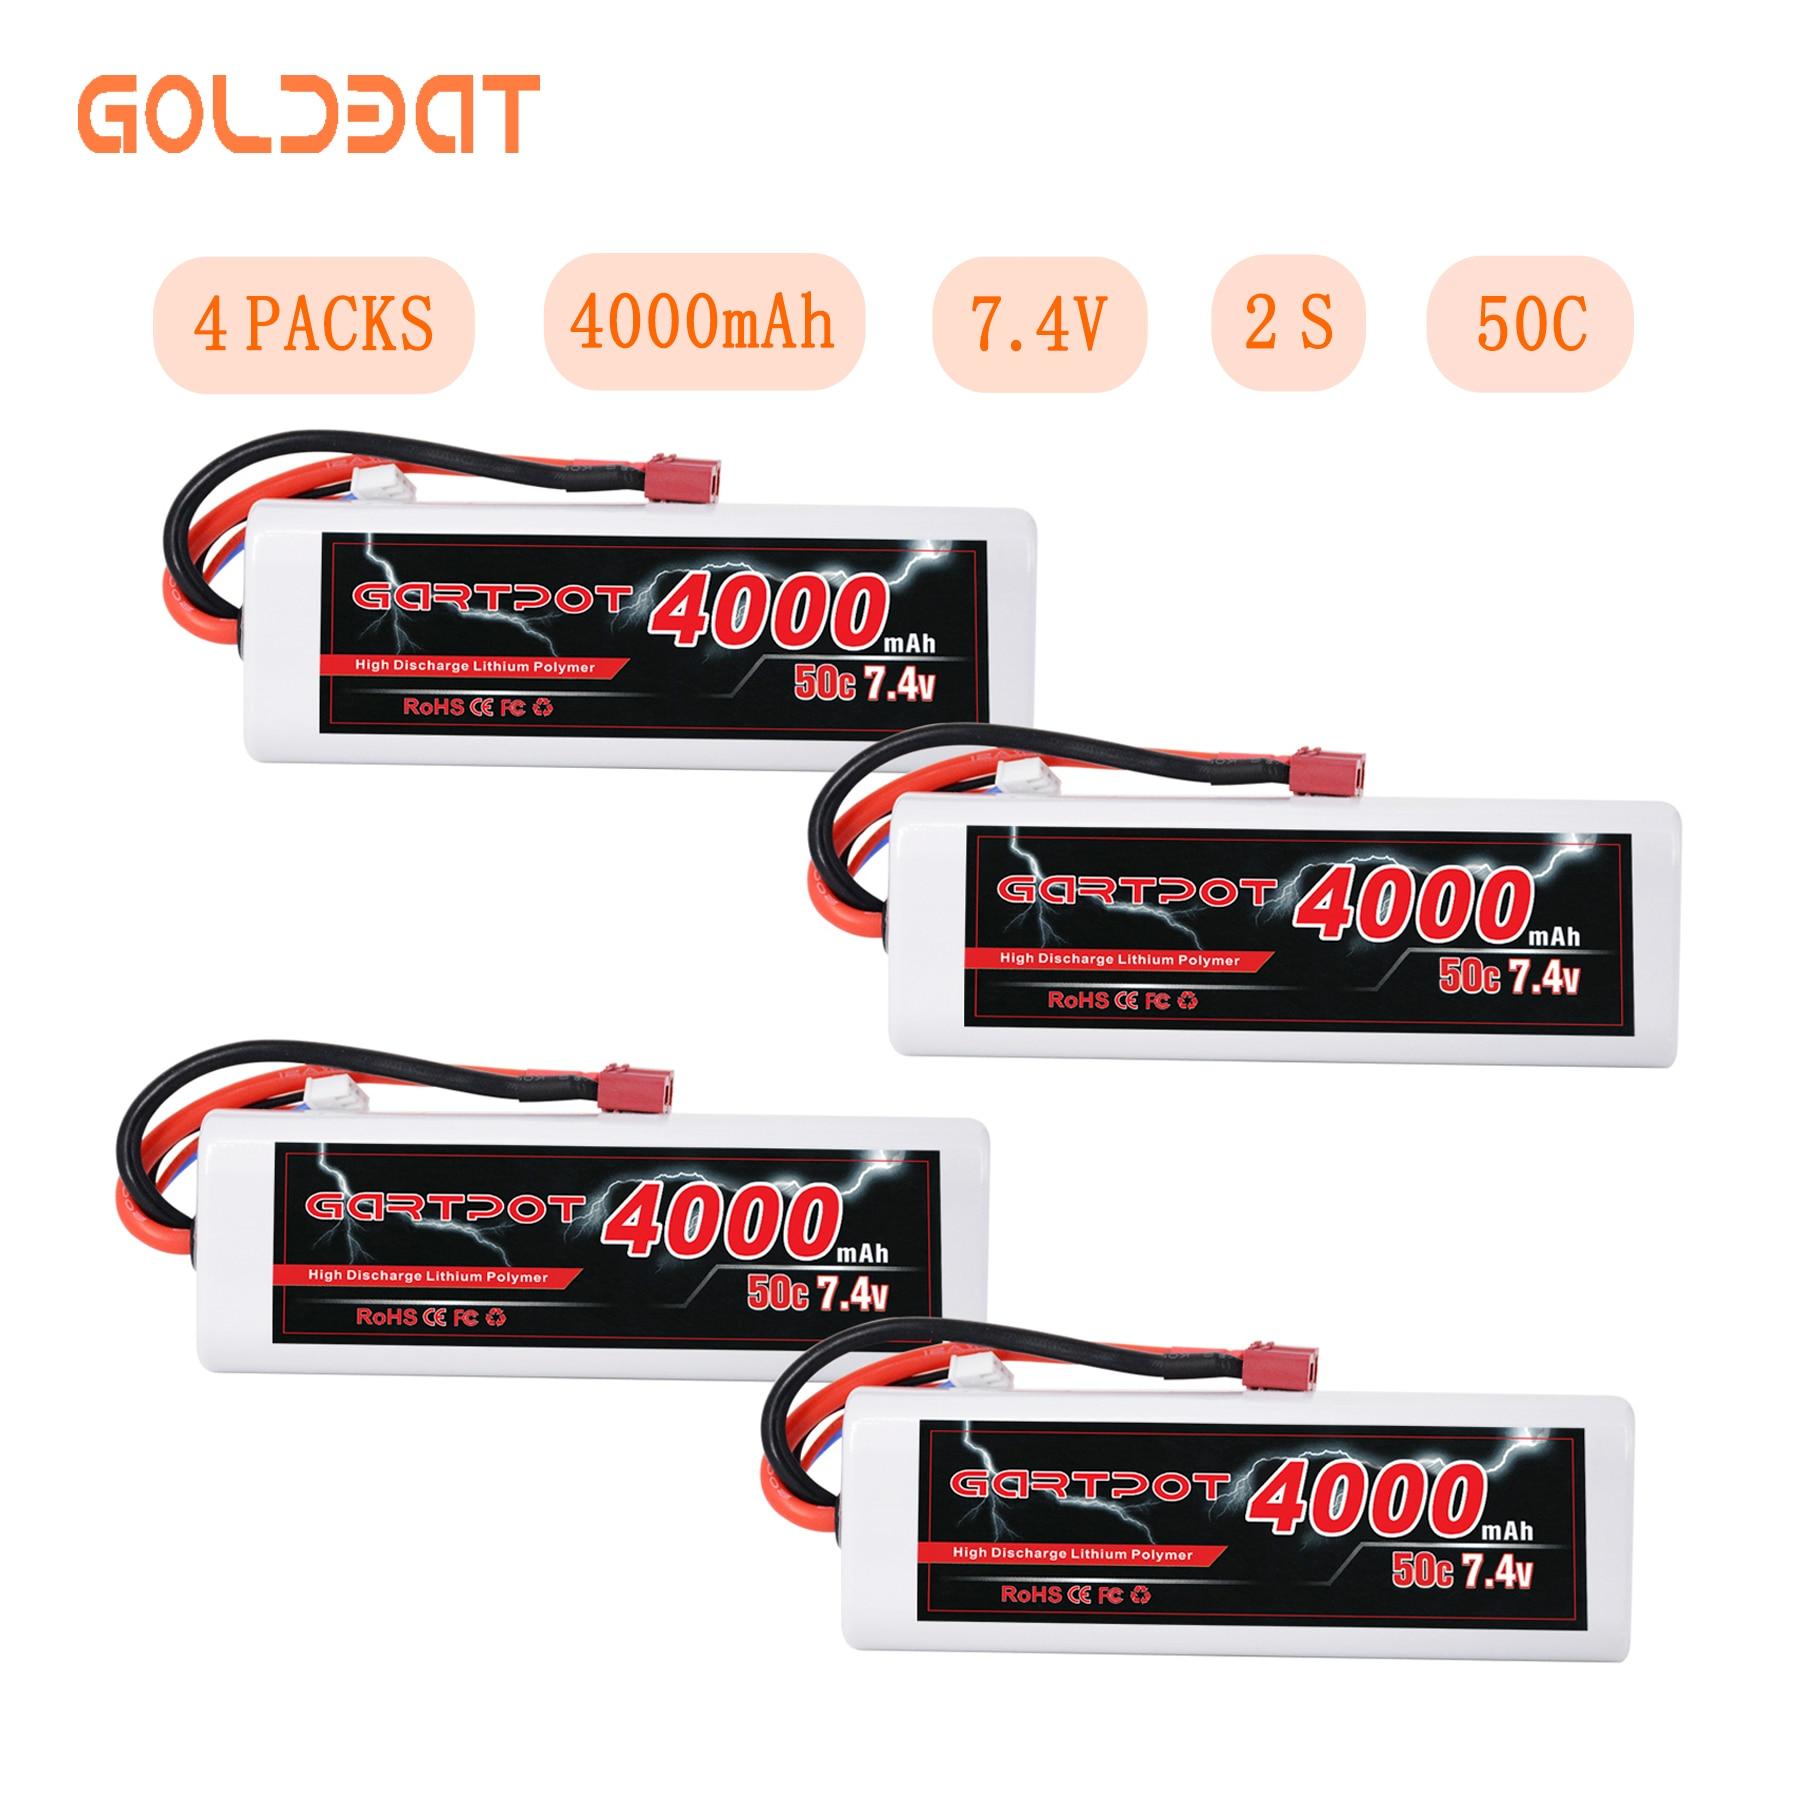 4 unidades GARTPOT Lipo batería 4000mAh 7,4 V RC coche Batería 2S Lipo batería RC 50C Lipo 7,4 V con decanos enchufe para RC camión Traxxas